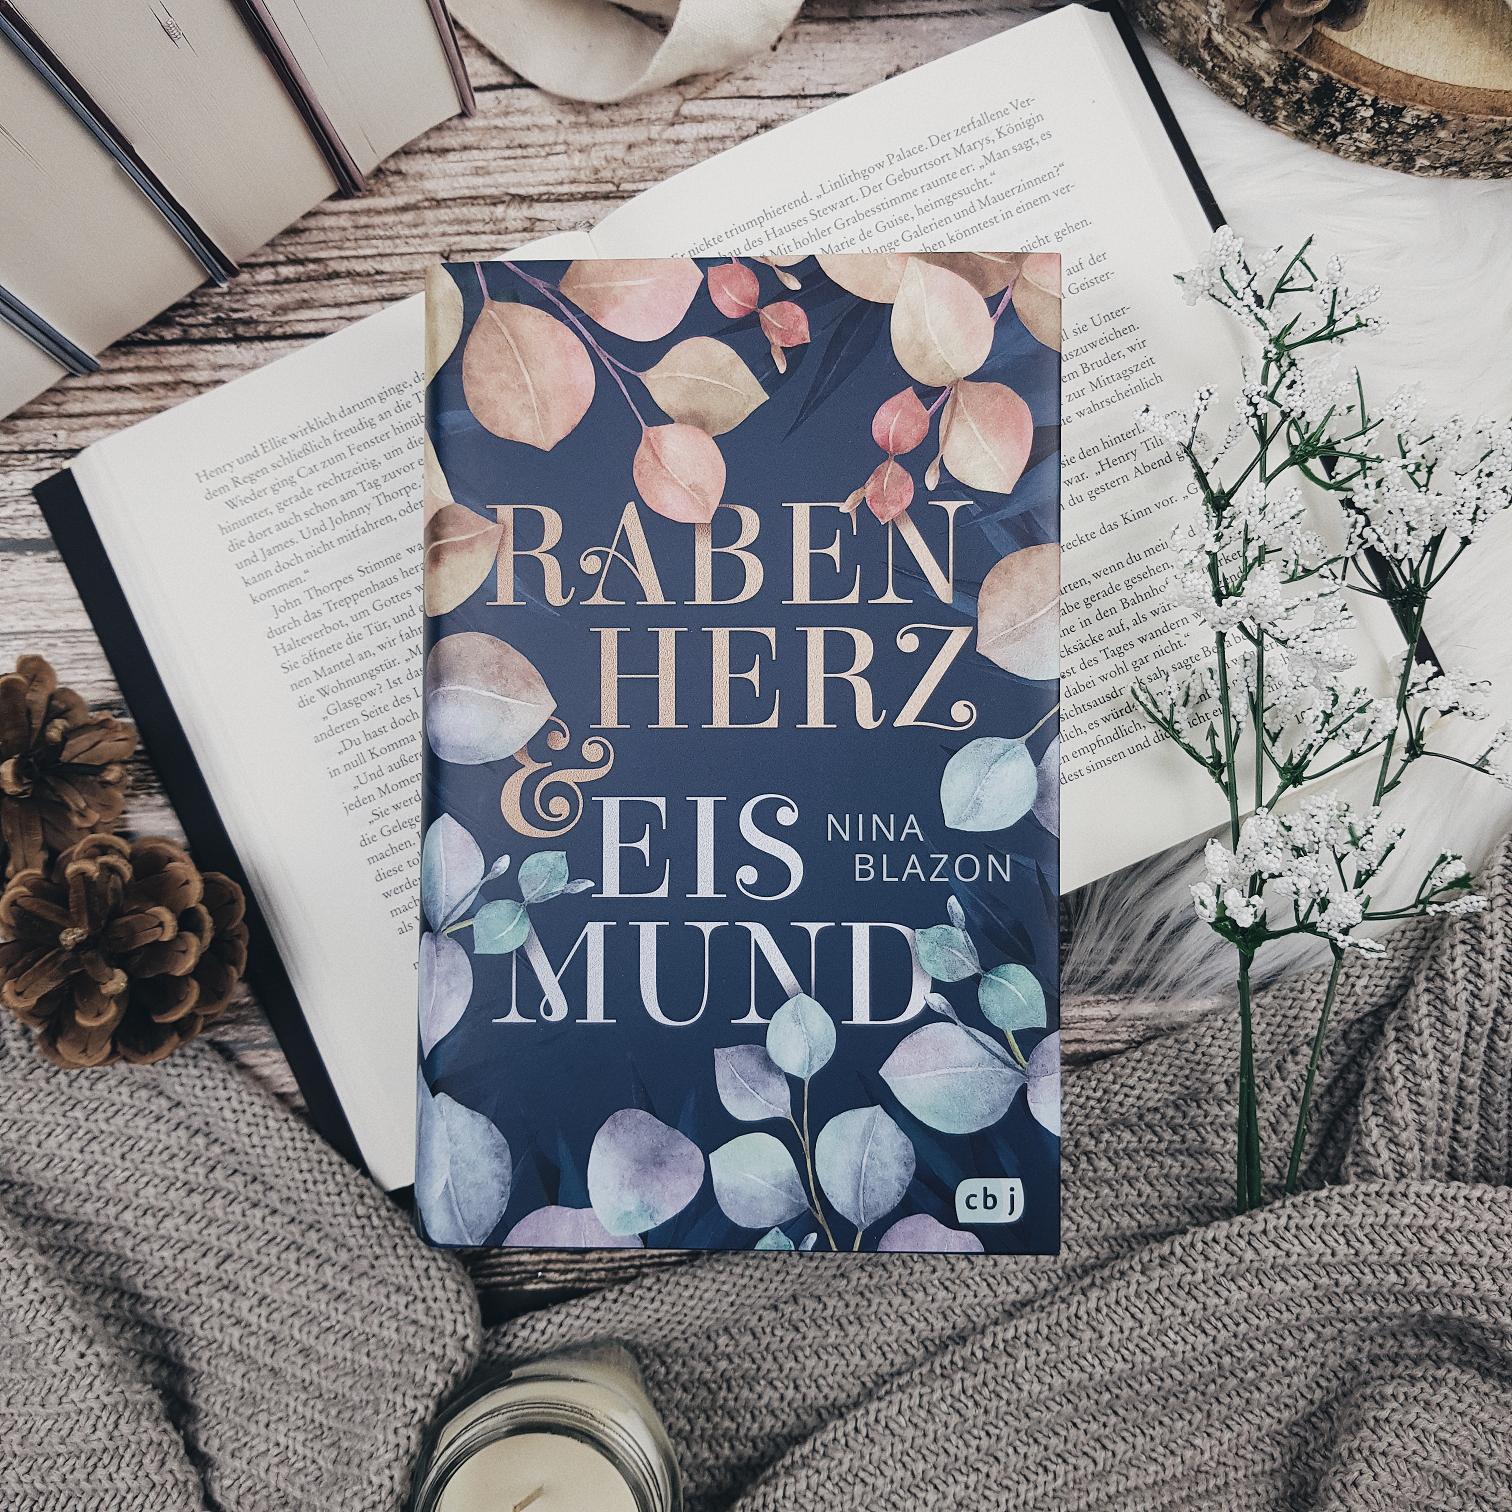 Bücherblog. Rezension. Buchcover. Rabenherz und Eismund von Nina Blazon. Jugendbuch. Fantasy. cbj.